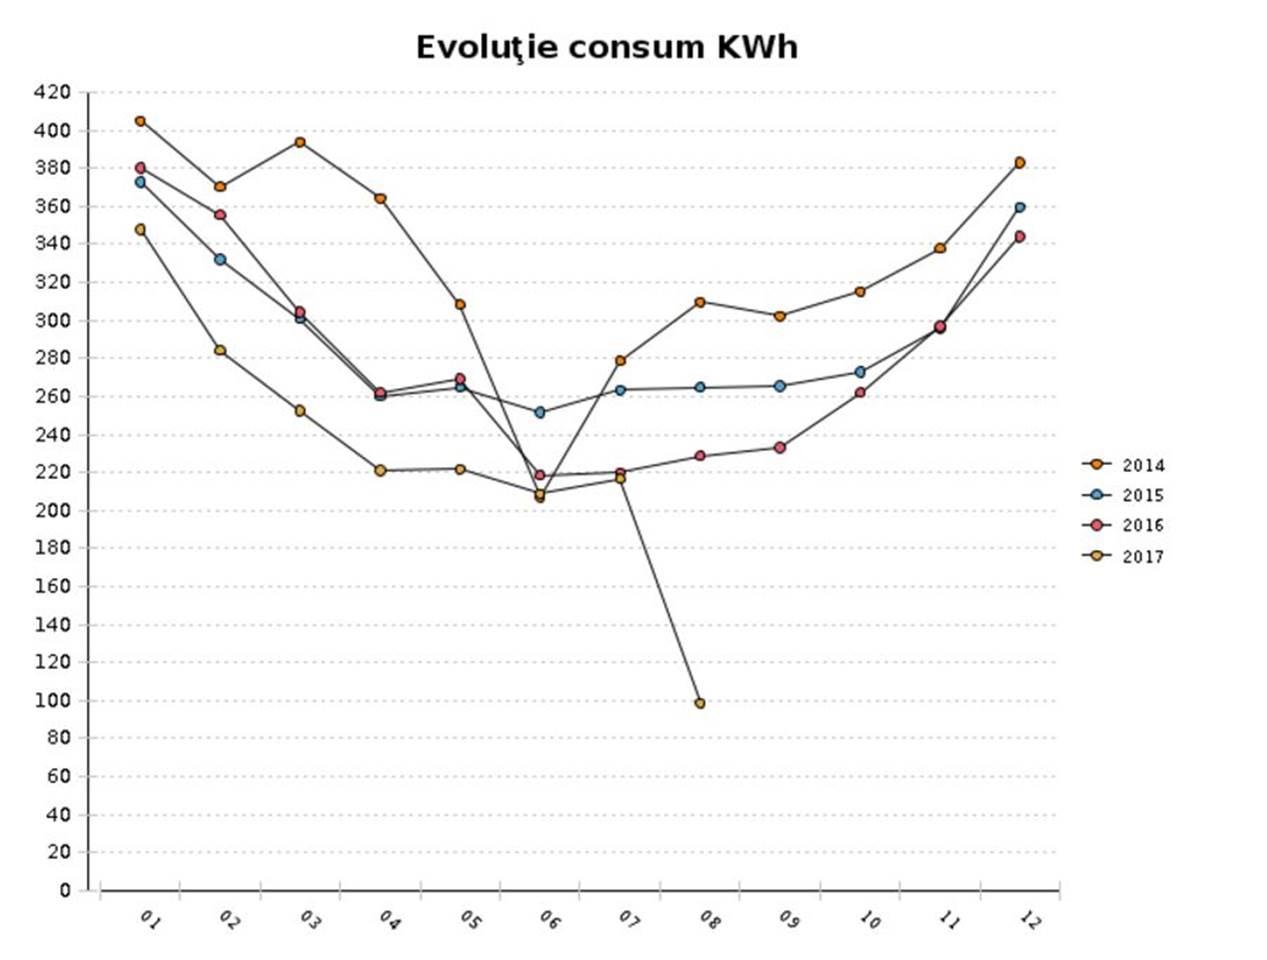 În august am reușit performanța de a consuma sub 100 de kWh!!! Nu s-a mai întâmplat asta de mulți ani... sau poate niciodată. Mi se pare grozav și de-abia aștept să văd ce se întâmplă în septembrie, după ce am schimbat toate becurile cu LED-uri!